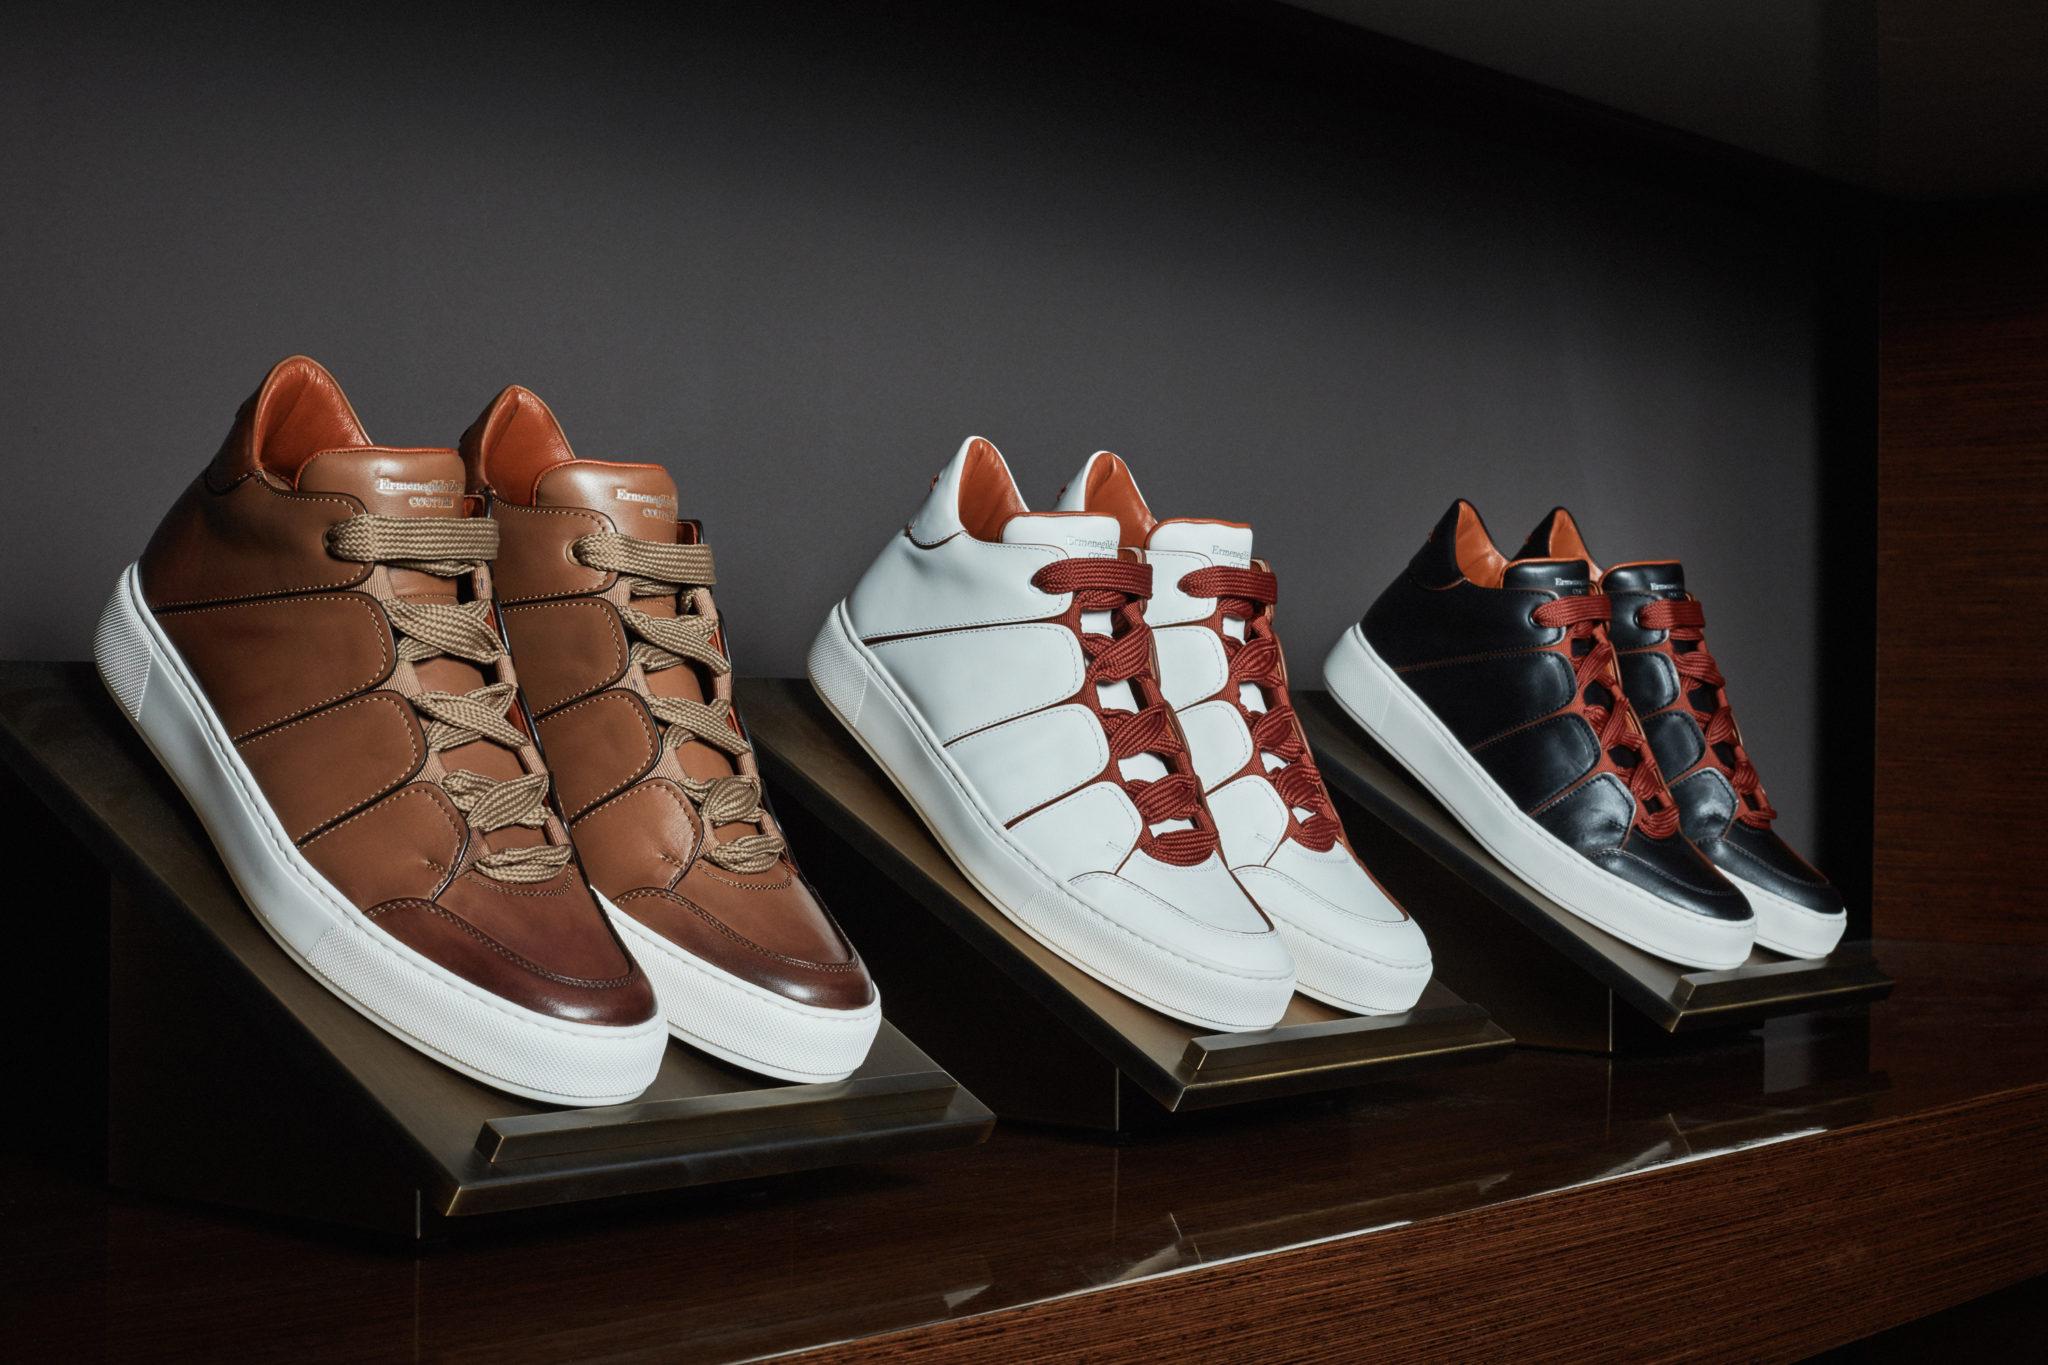 Zegna: High Top Sneakers - PEAKLIFE